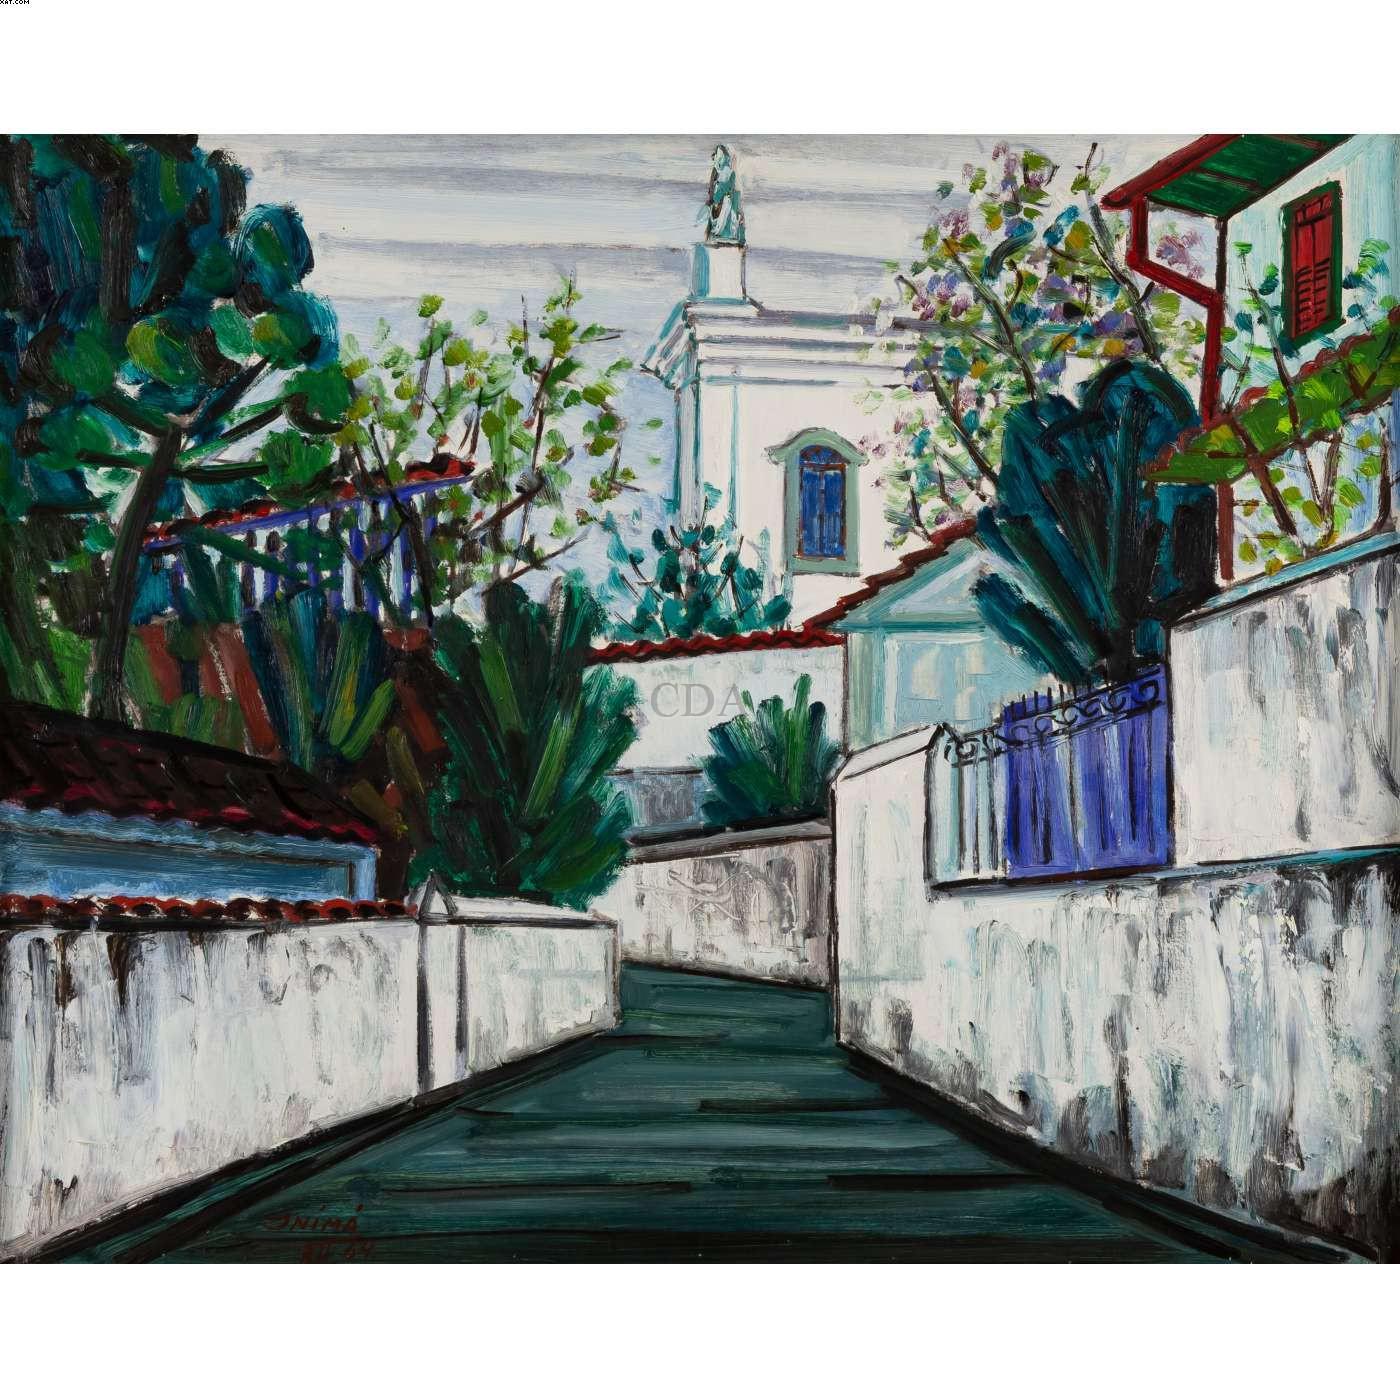 Rua em Santa Tereza/RJ - Inima José de Paula - Inima de Paula - Inima - Inimá